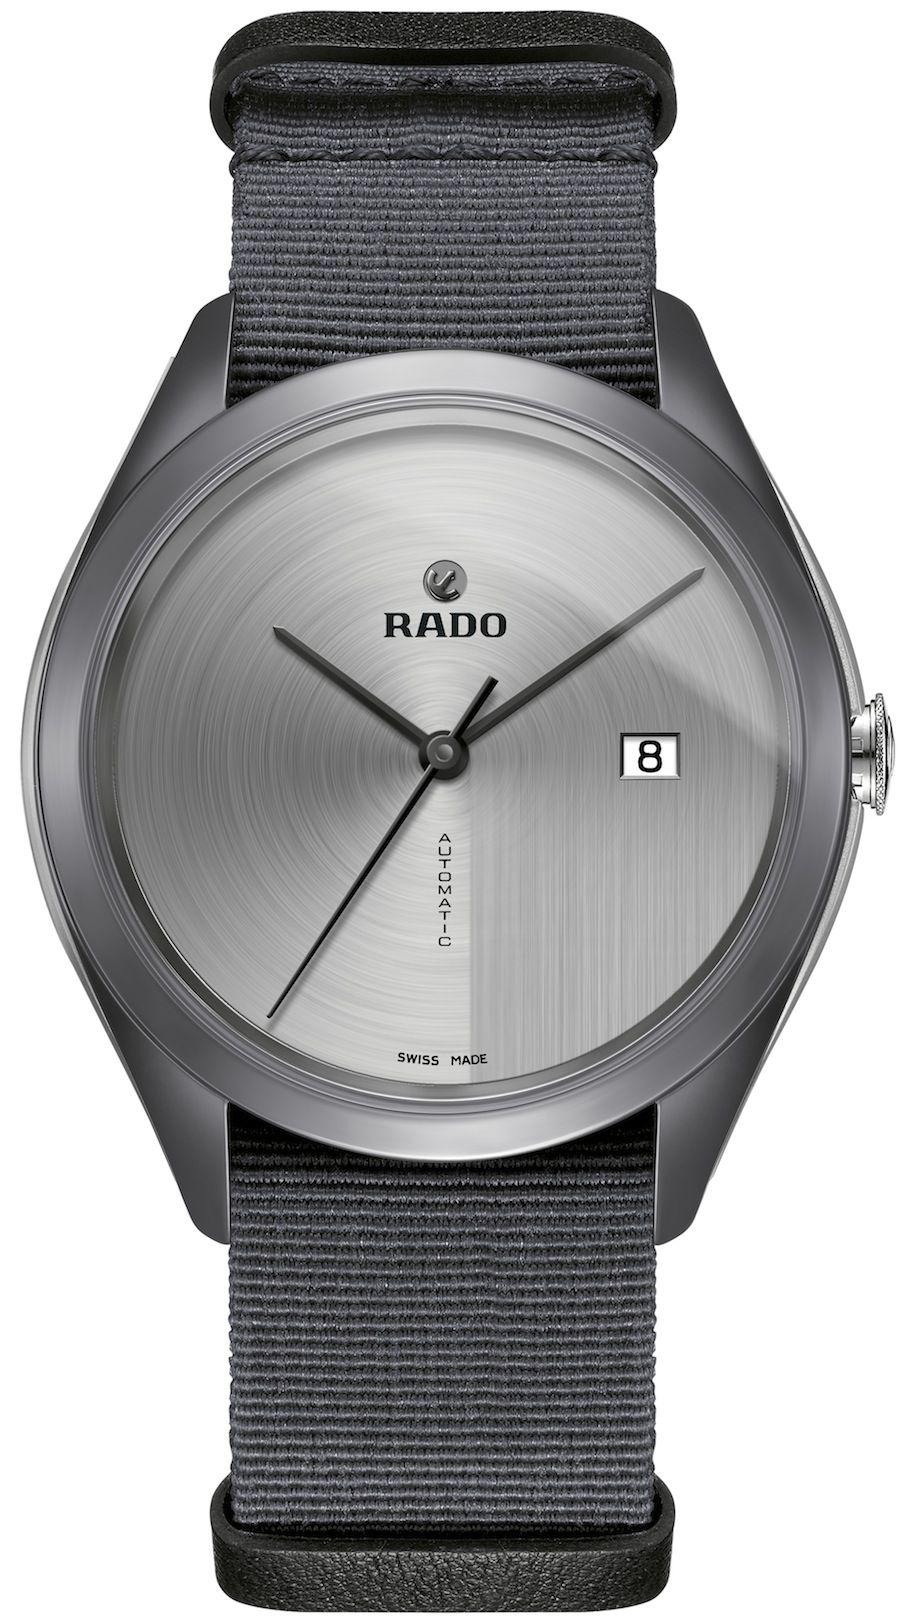 Rado Hyperchrome Ultra Light » Das Uhren Portal: Watchtime.net